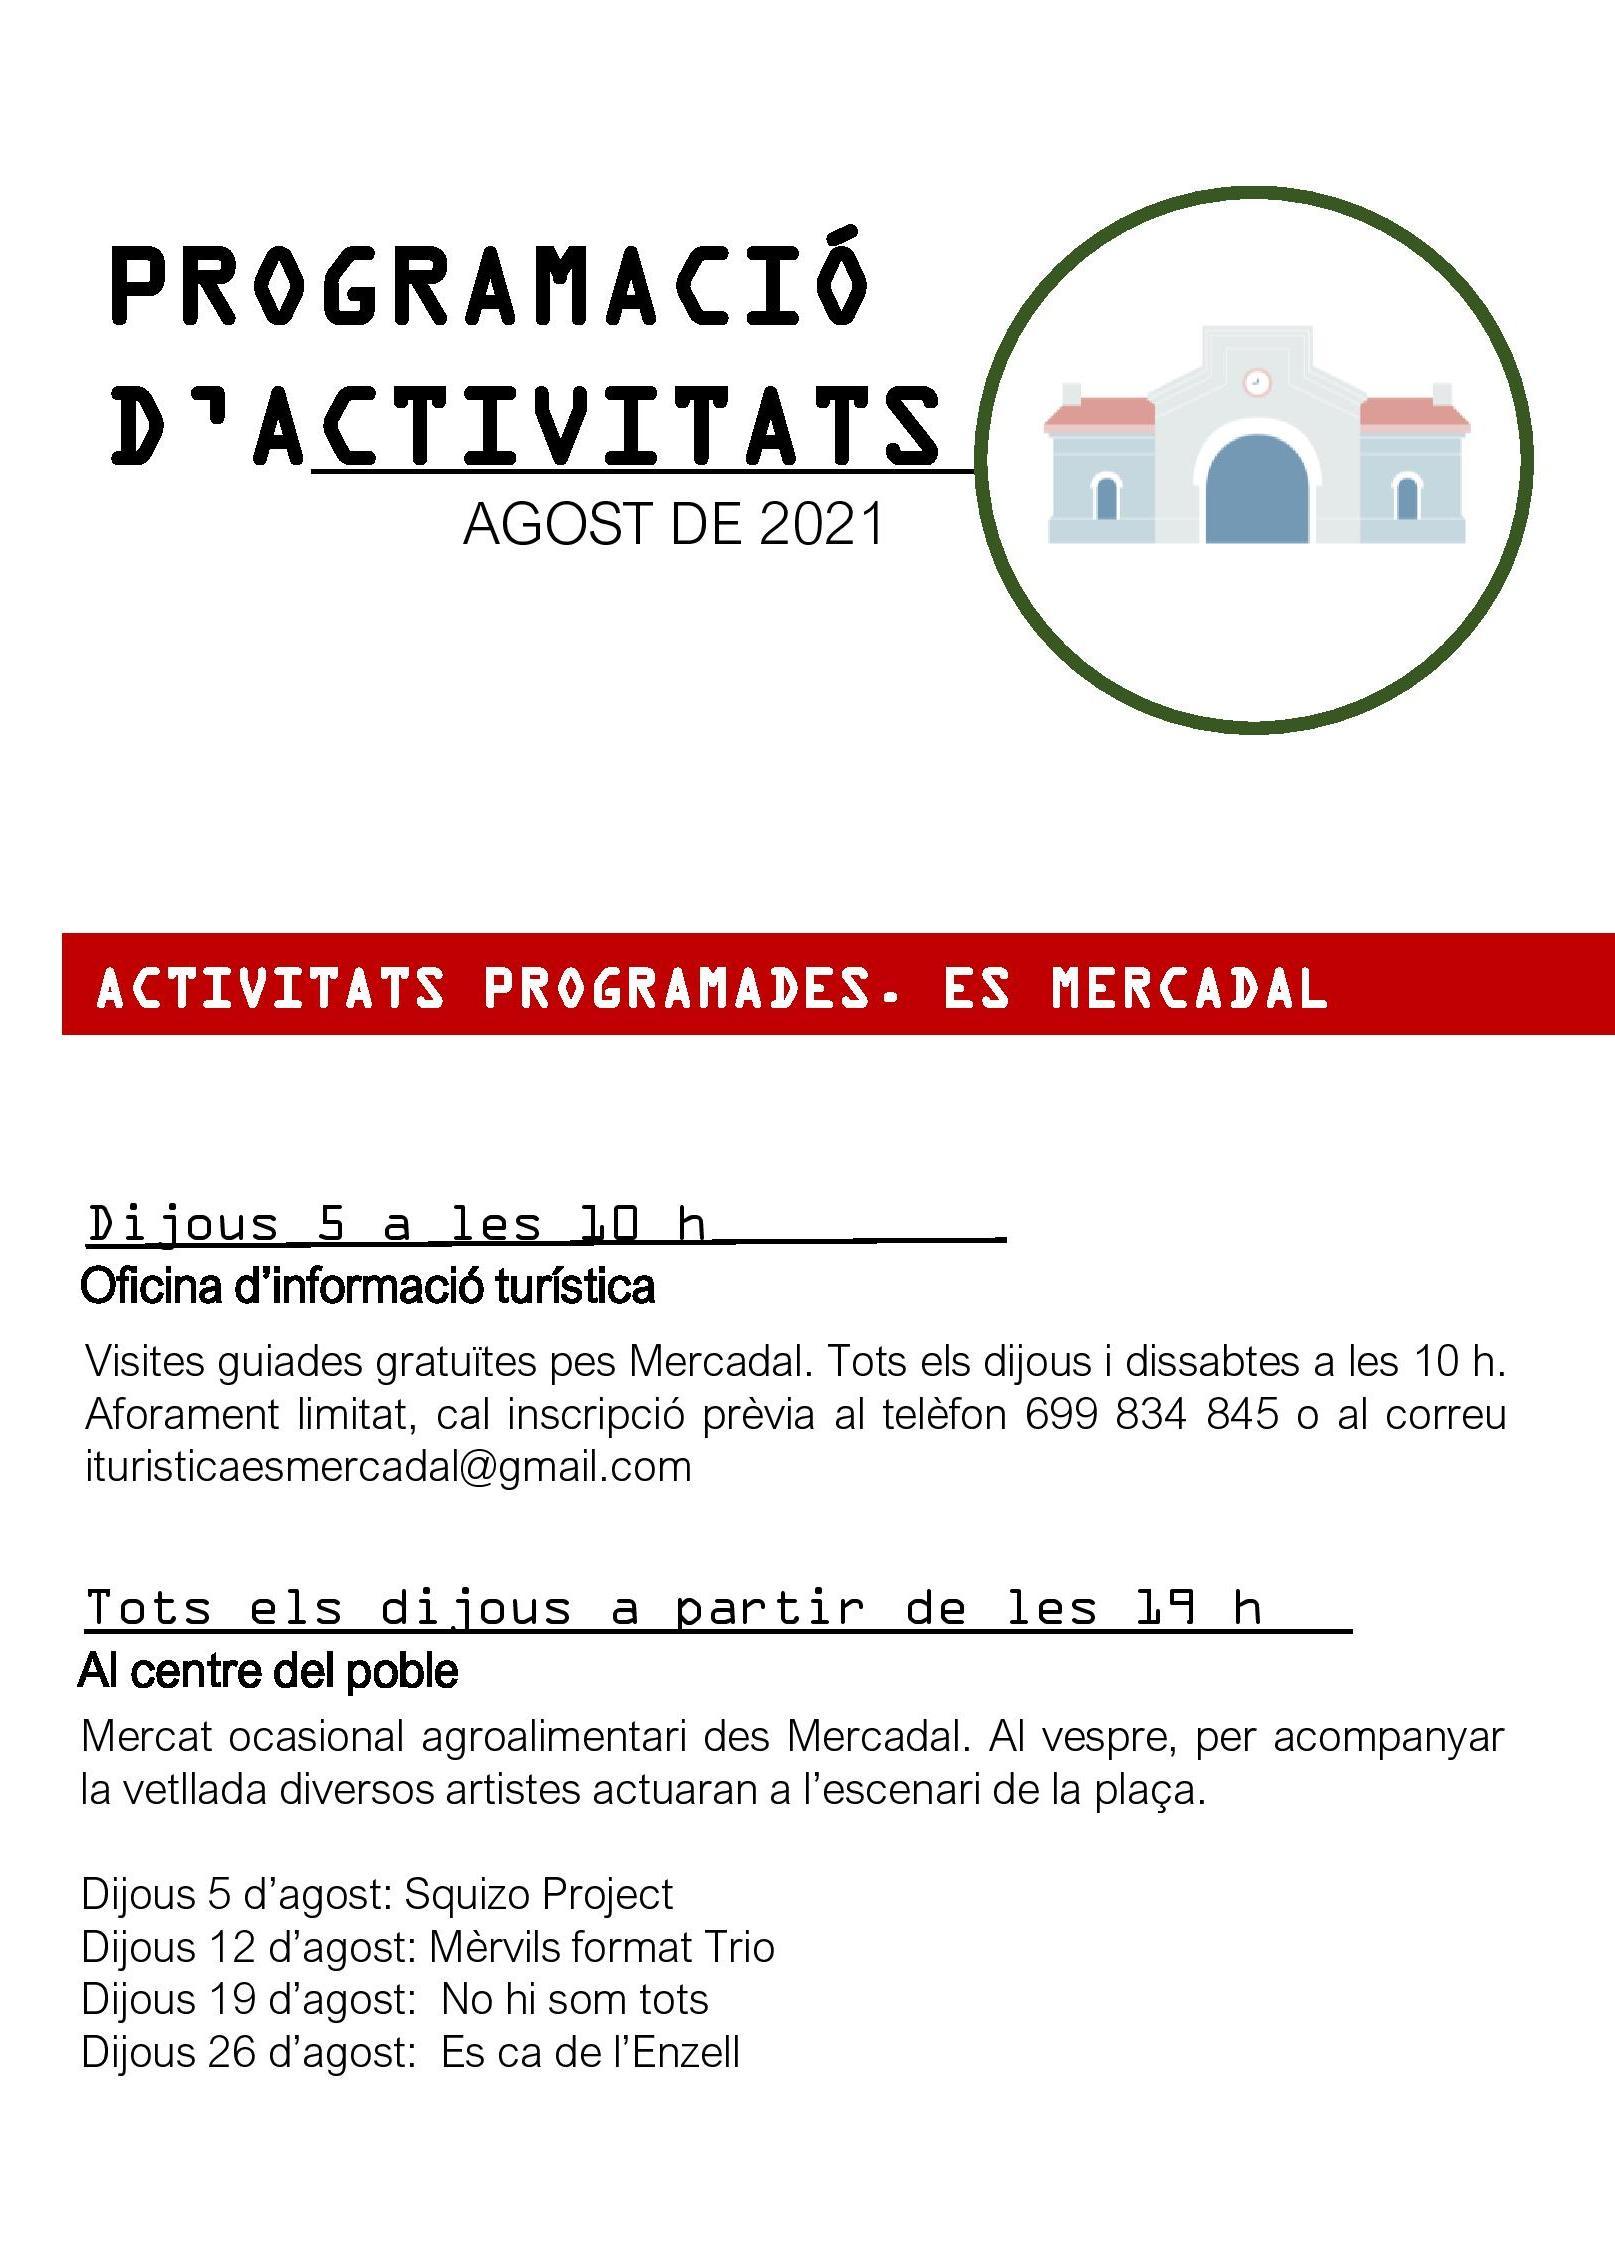 ACTIVITATS ES MERCADAL - FORNELLS - AGOST 2021